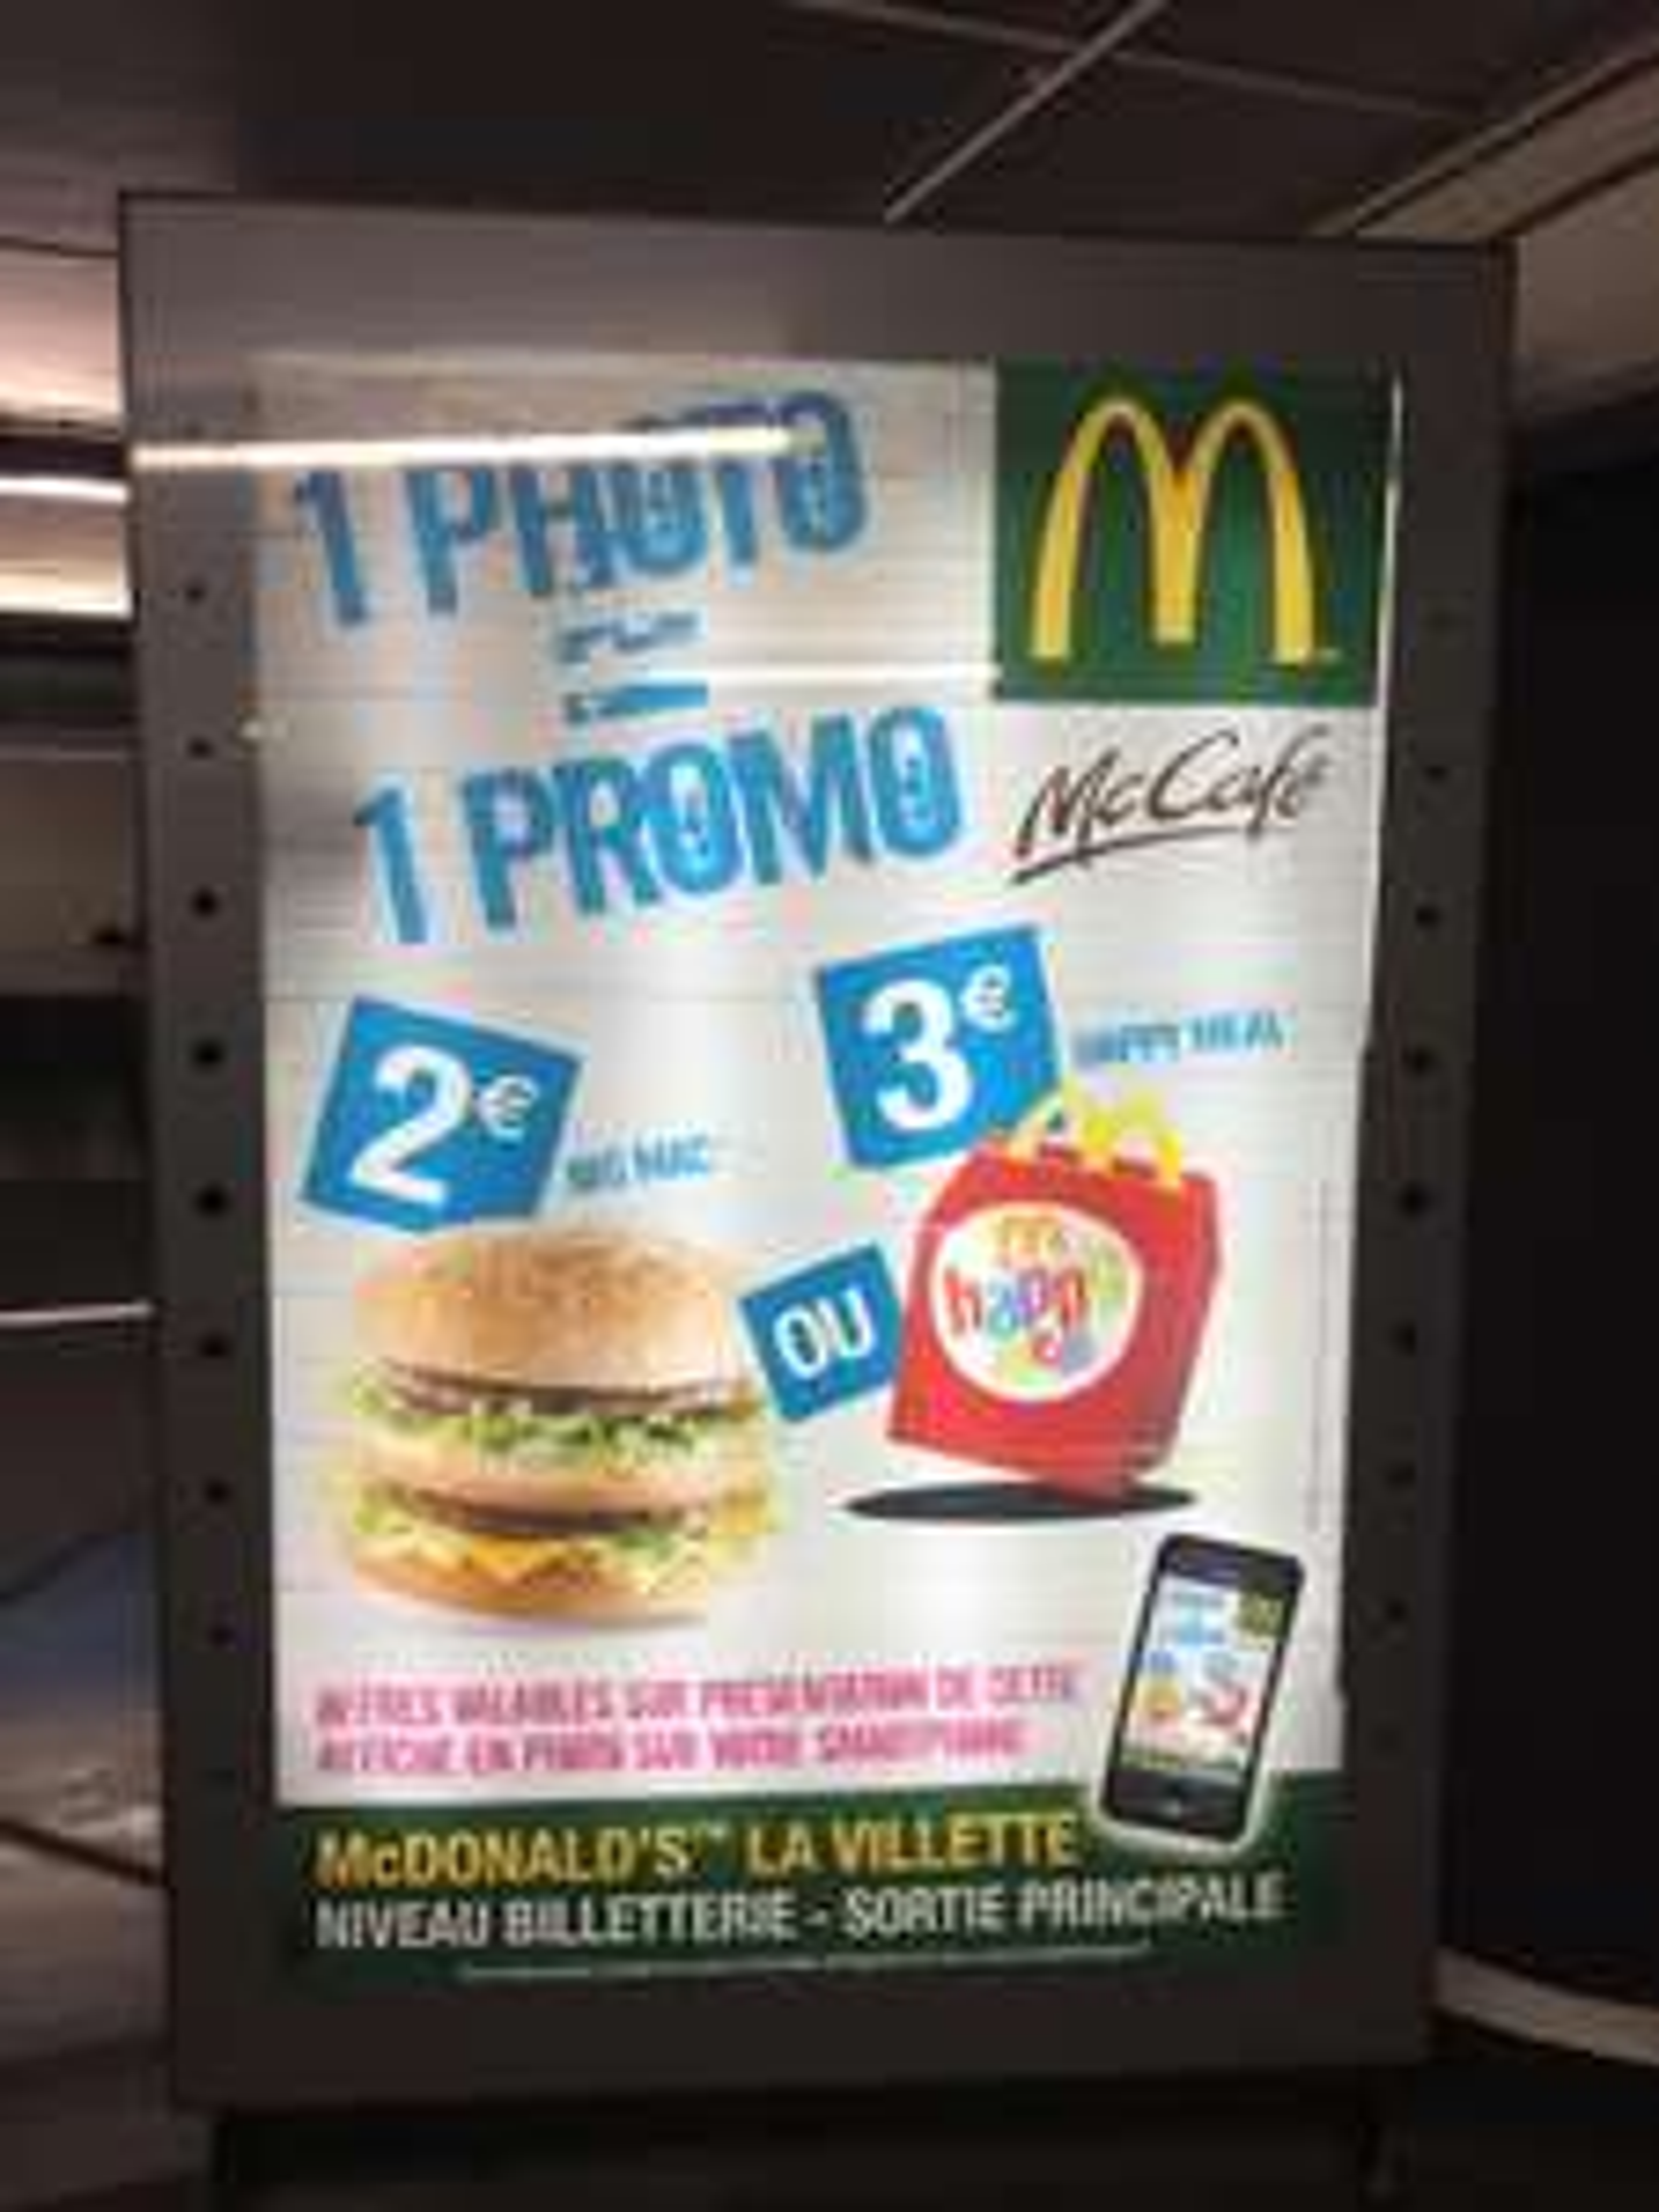 Sur présentation de l'affiche en photo : Happy Meal à 3€ ou Big Mac